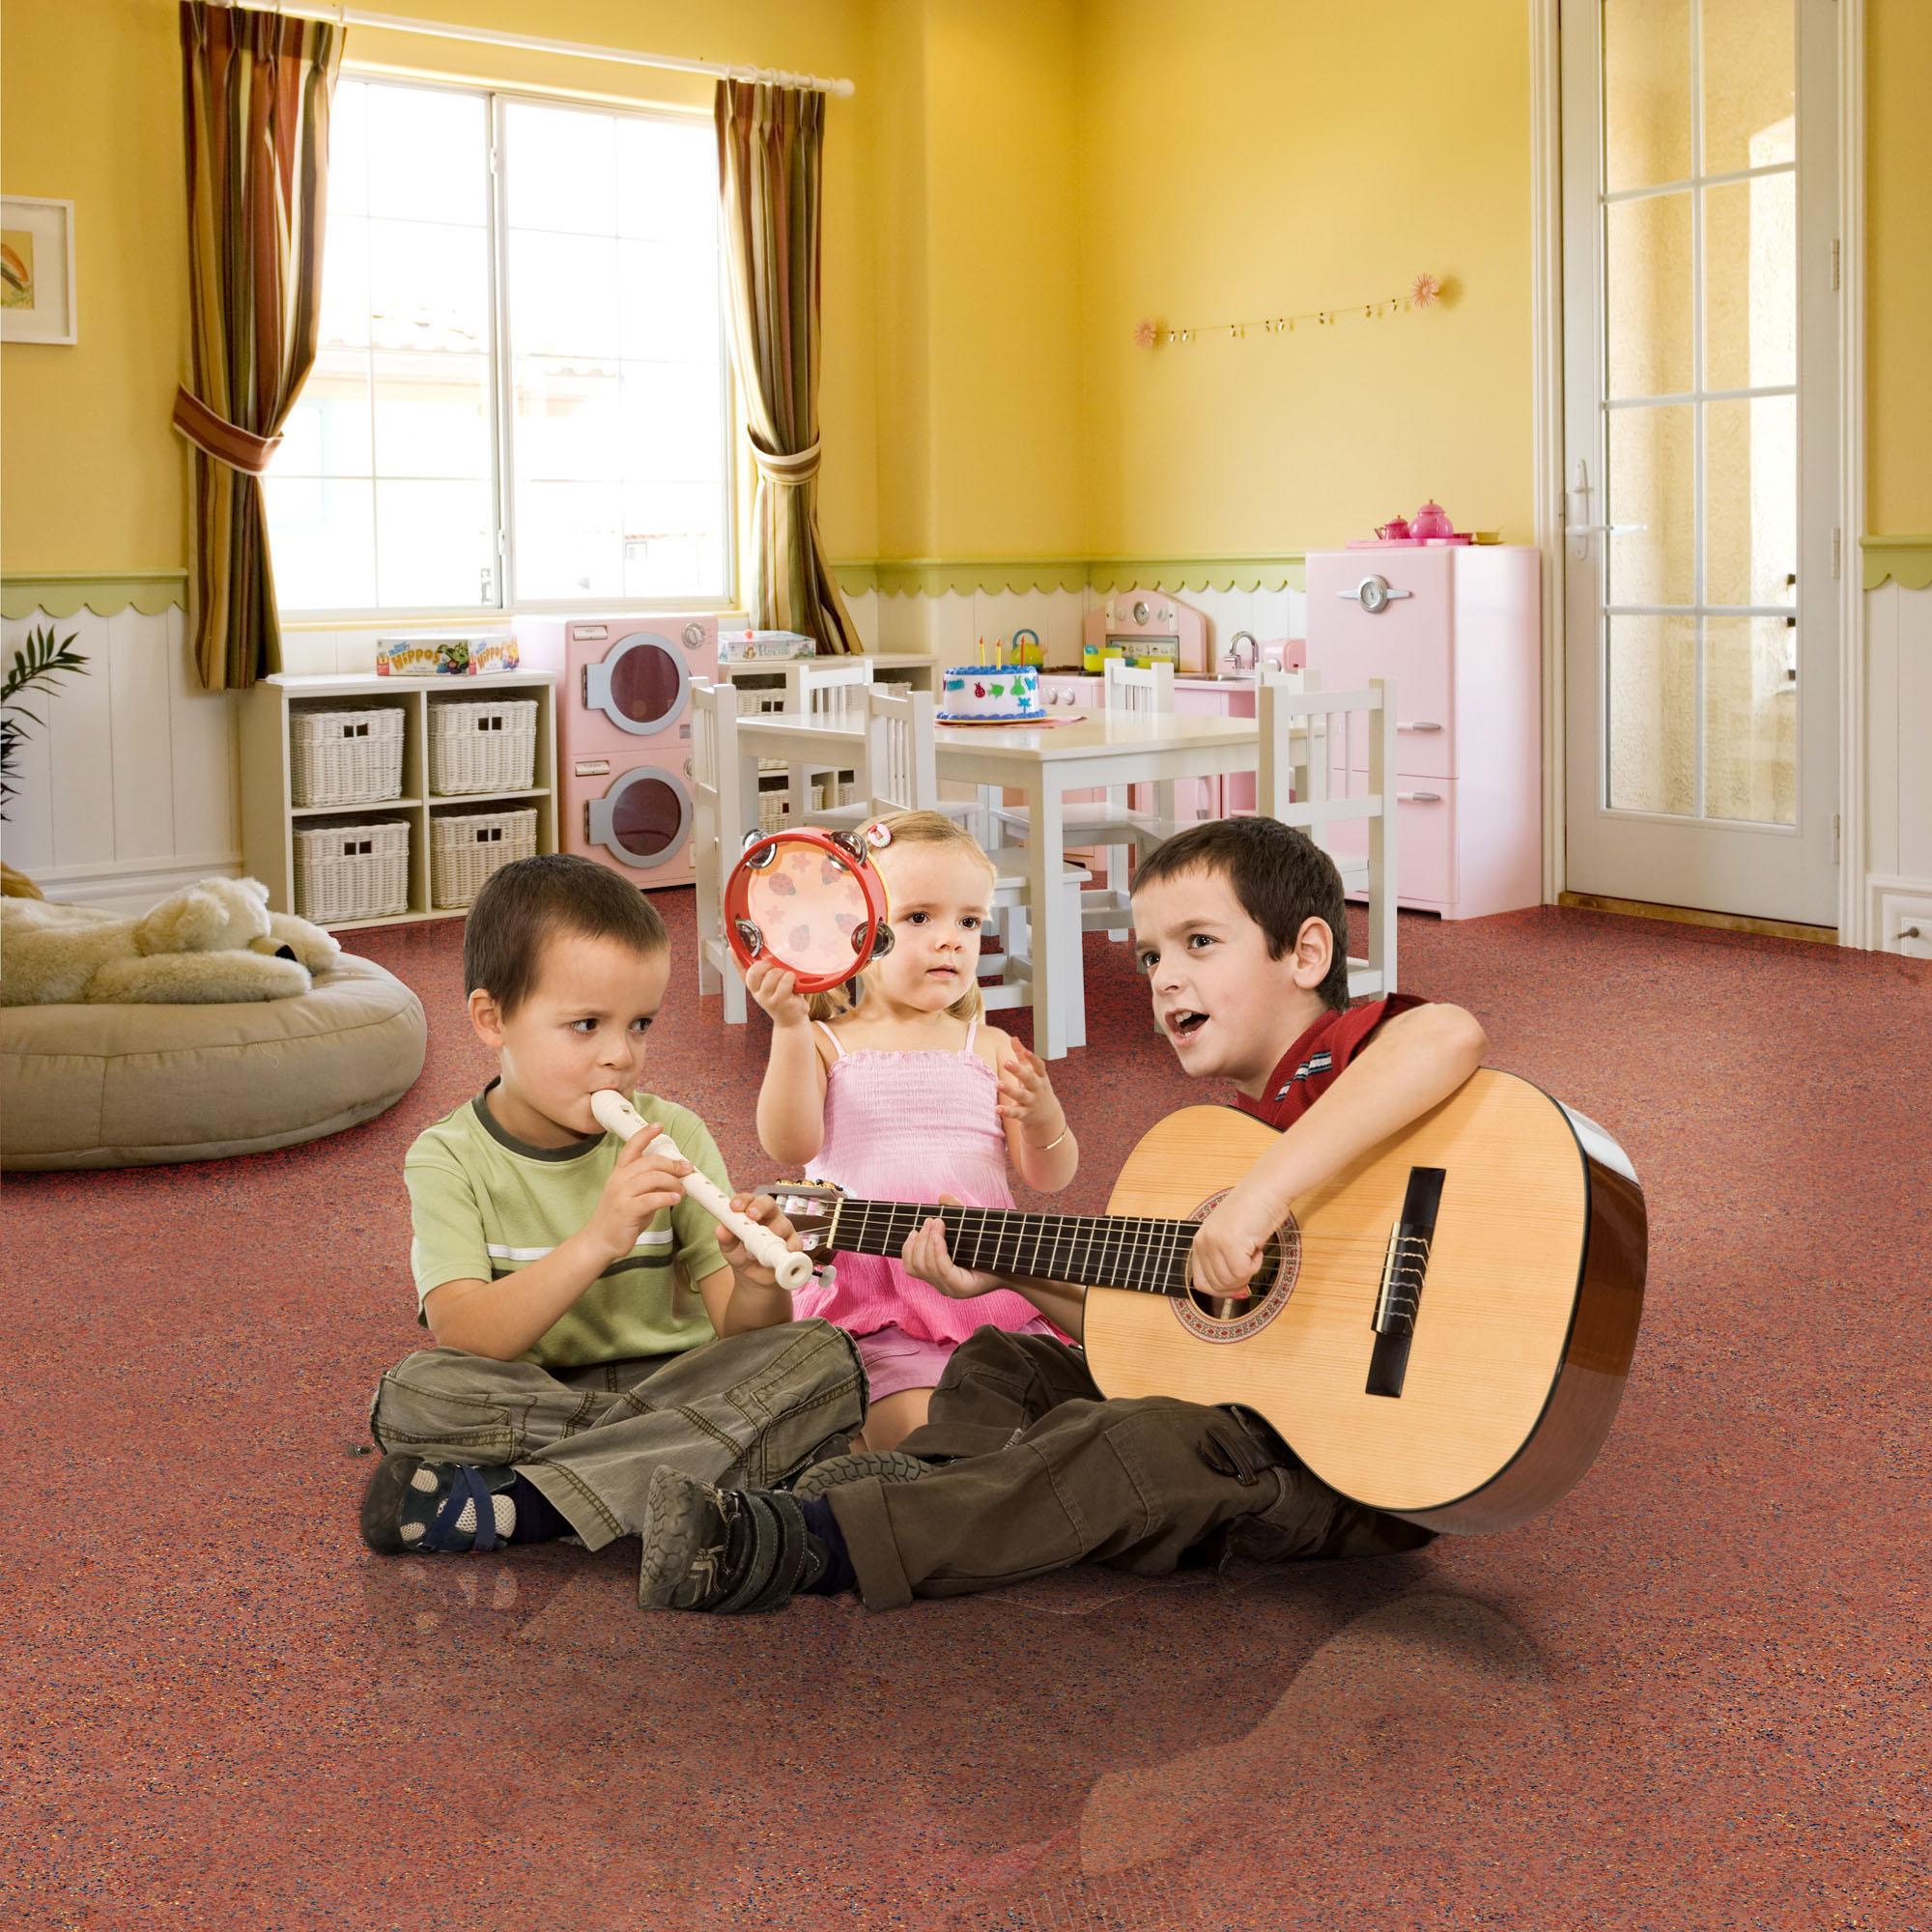 Idei pentru camere de copii